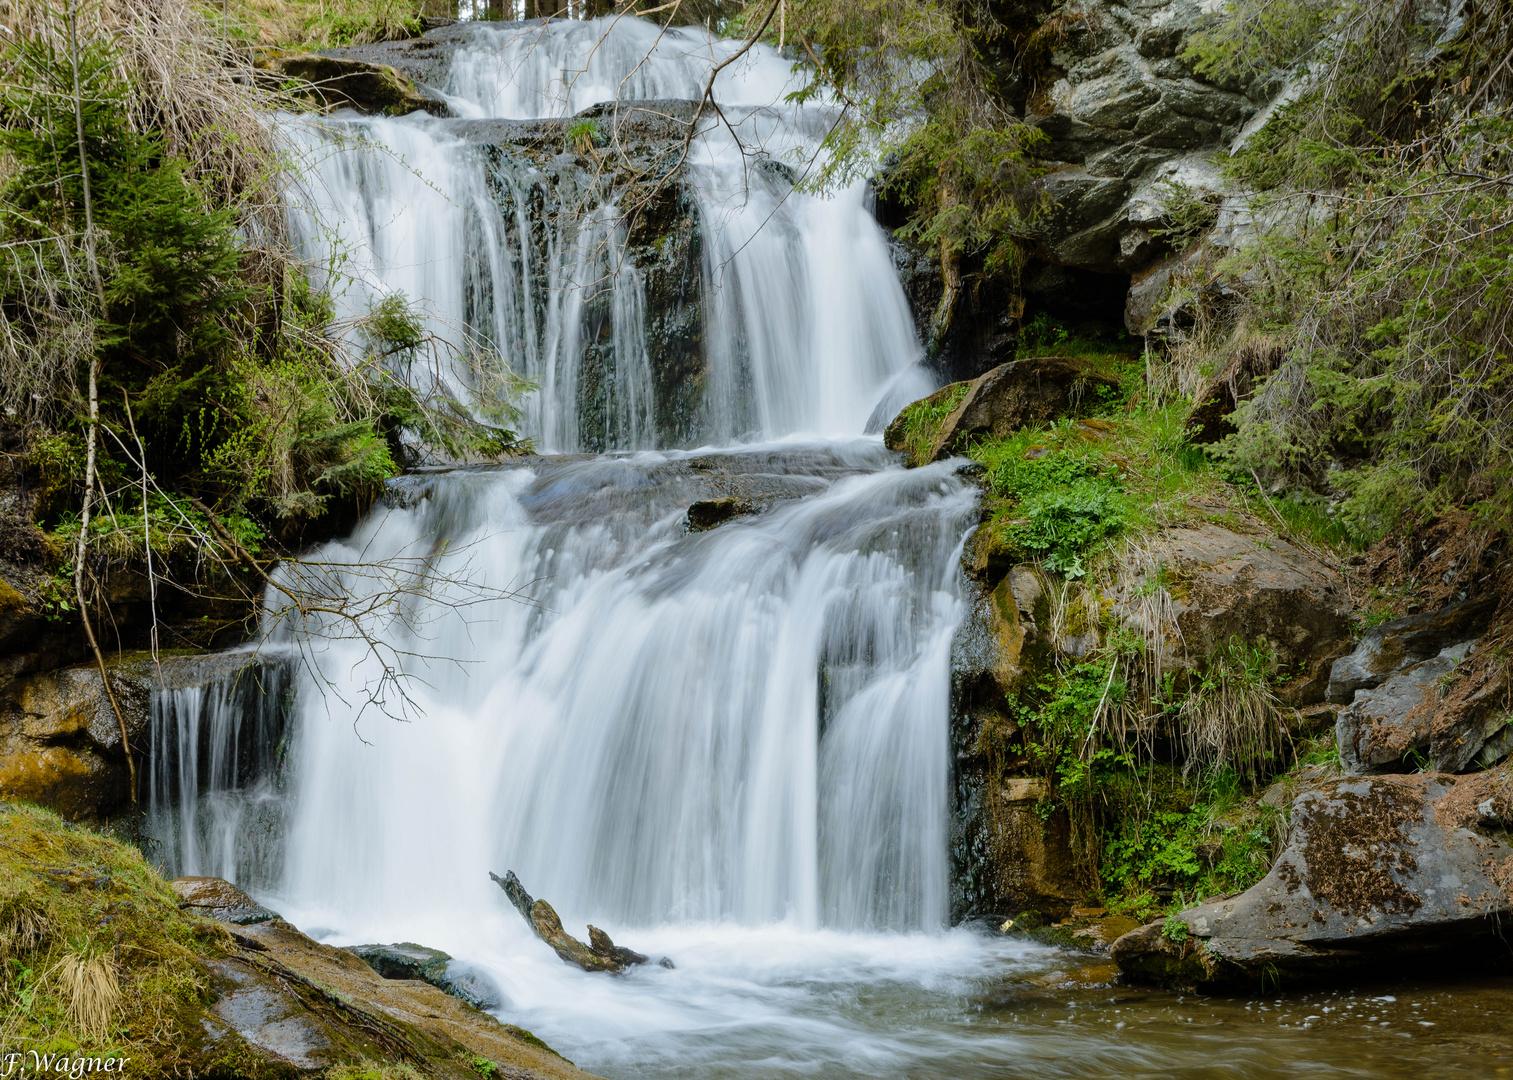 Kaskaden Wasserfall Graggerschlucht